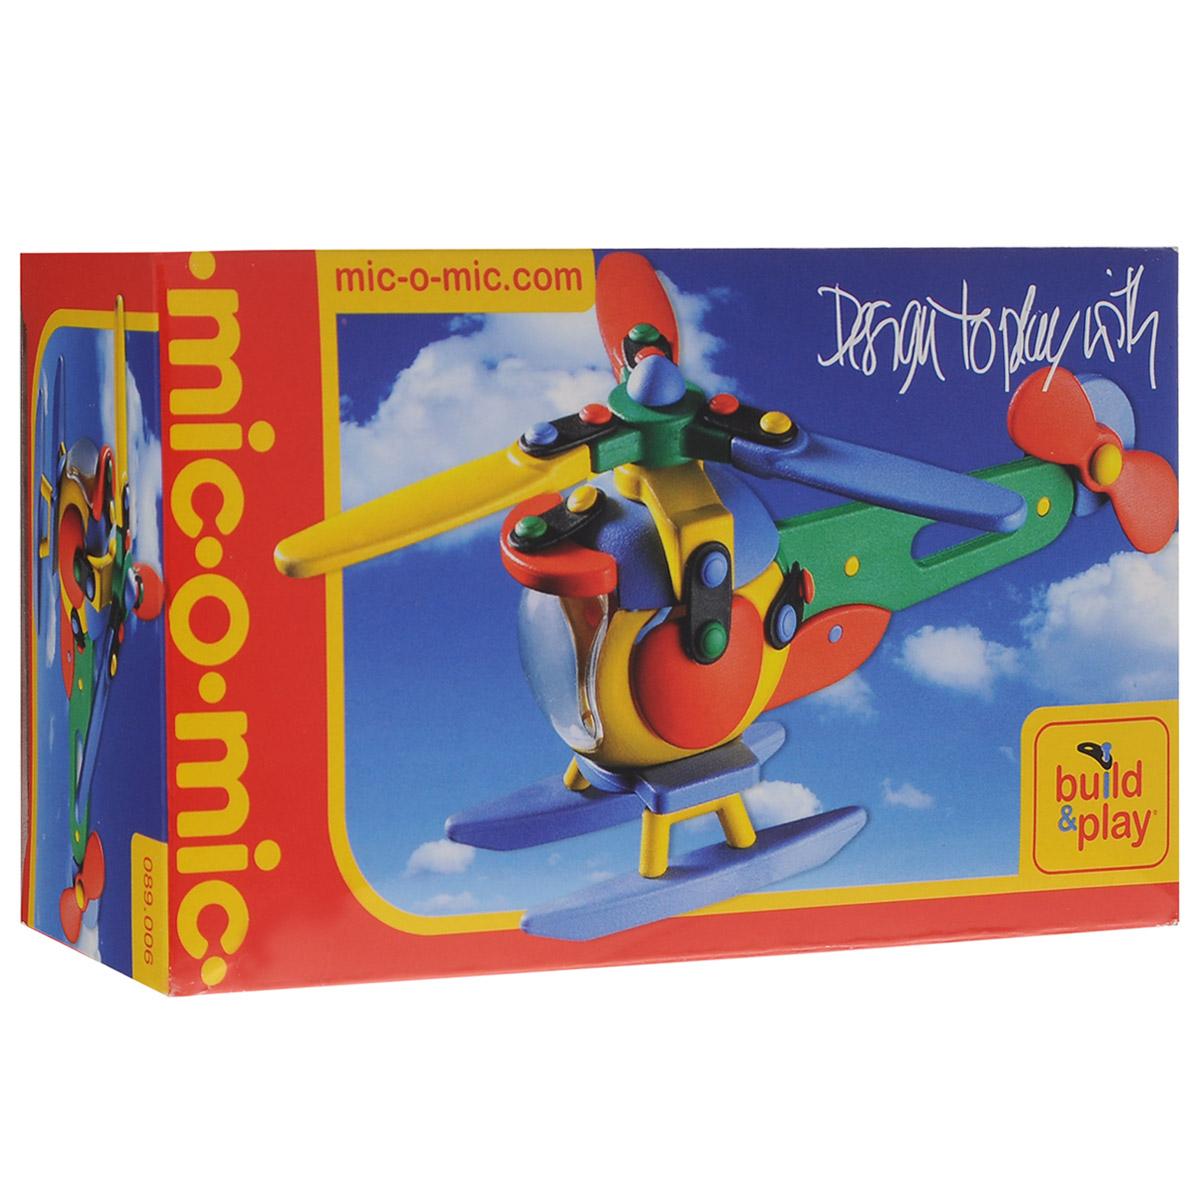 Mic-o-Mic Конструктор Вертолет089.006Яркий пластиковый конструктор Вертолет привлечет внимание вашего ребенка и не позволит ему скучать. С помощью элементов конструктора ребенок сможет собрать разноцветный вертолет, детали которого соединяются болтами. В комплект также входят запасные кнопки, пластины и инструмент для монтажа. Развивающие конструкторы Mic-o-Mic объединяют в себе дизайн и особое ощущение при прикосновении с обучающей педагогической идеей. Во время сборки модели особенно развиваются мелкая моторика и сила воображения, логическое и пространственное мышление и творческие способности, а также концентрация внимания и усидчивости. Оригинальные конструкторы Mic-o-Mic разработаны в Германии и являются особыми игрушками для детей, направленными на развитие различных способностей и навыков. Набор состоит из отдельных деталей с приятной на ощупь текстурой и уникальной системы крепления из соединительных планок и кнопок для сборки модели. Будь то крылья, колеса или паруса, модели отличаются...